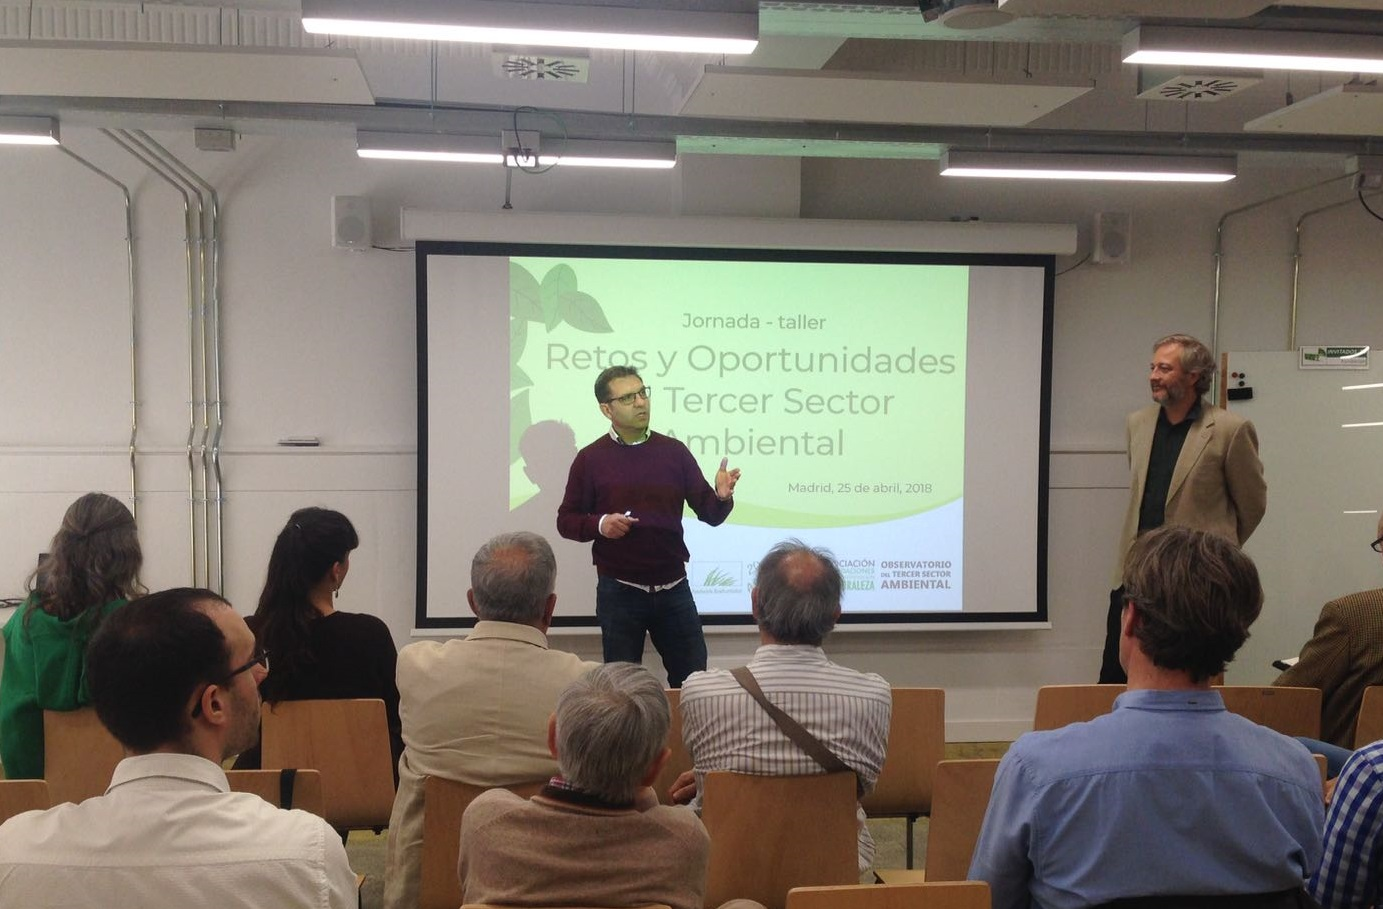 Roberto Lozano, presidente de AFN, en compañía de Ignacio Torres, subdirector de la Fundación Biodiversidad, se dirige a los asistentes a la jornada. Imagen: AFN